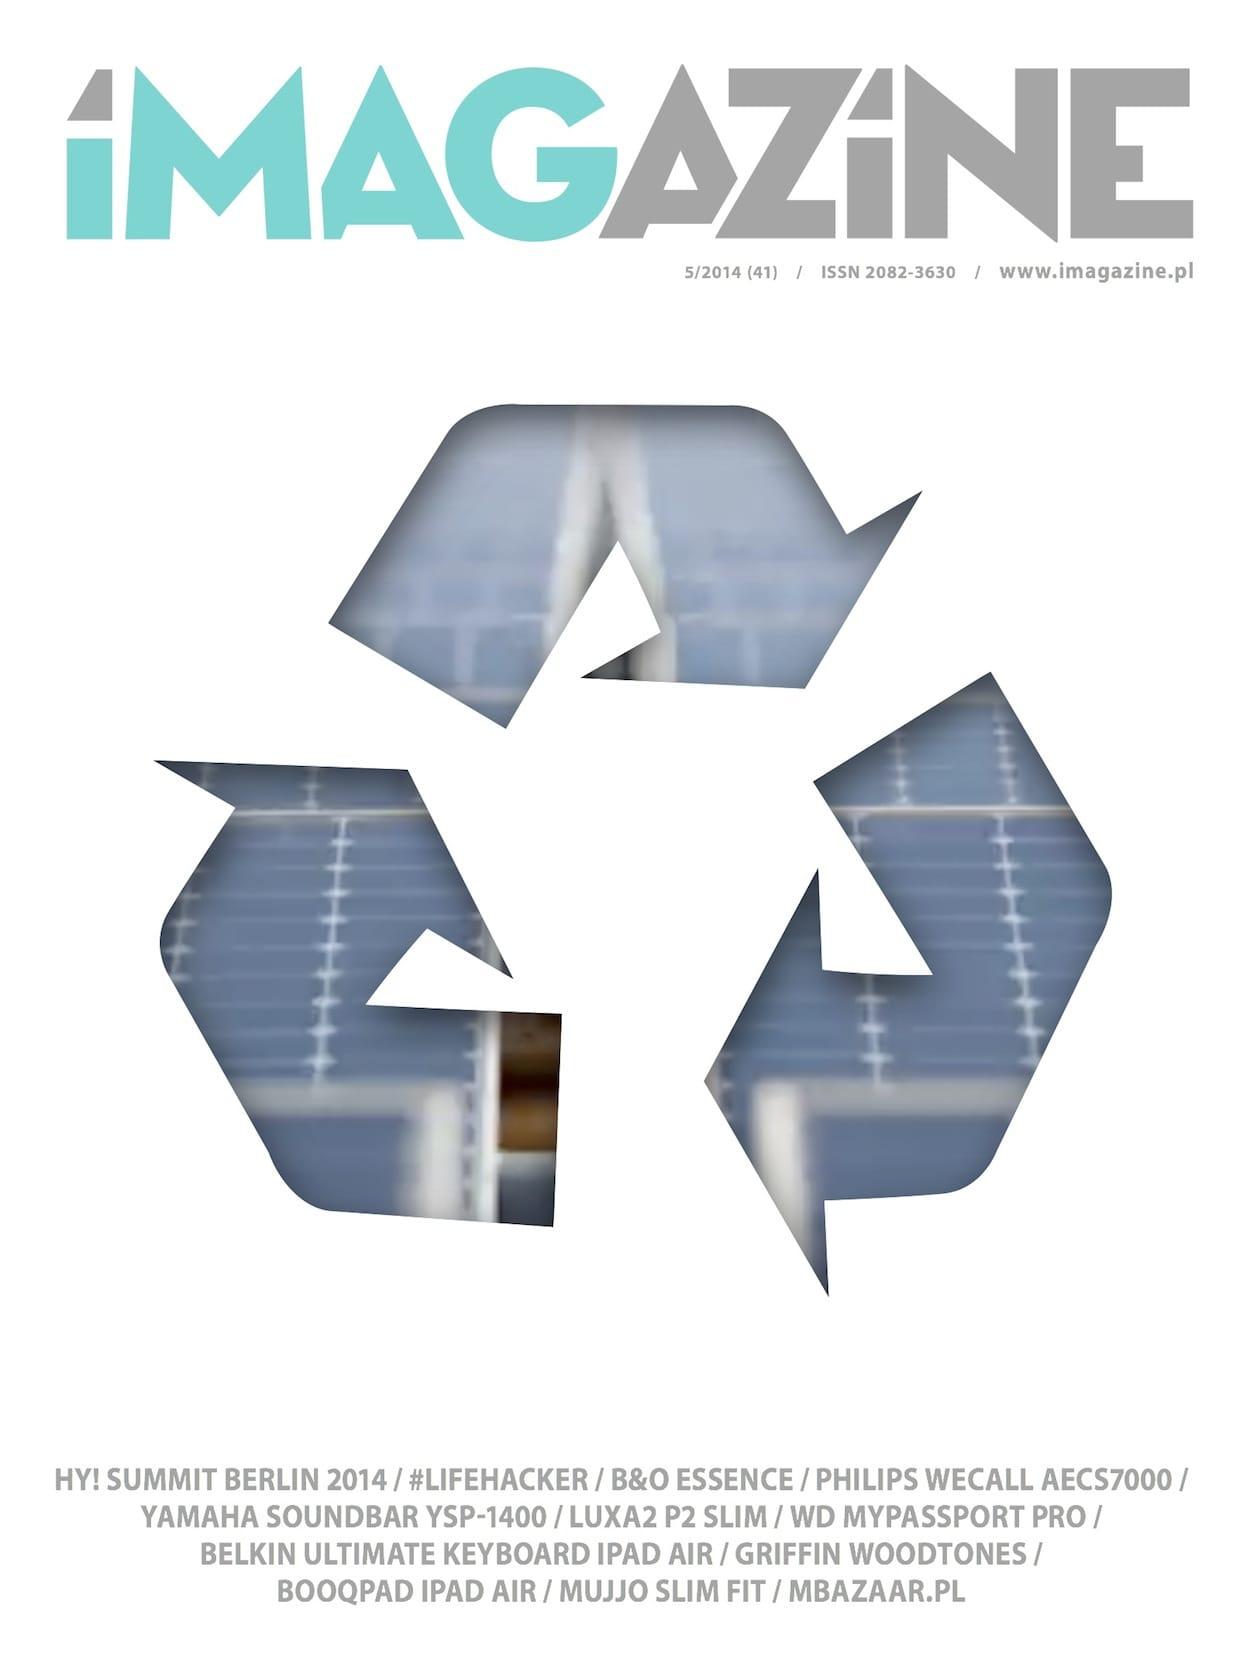 iMagazine 5/2014 – Better